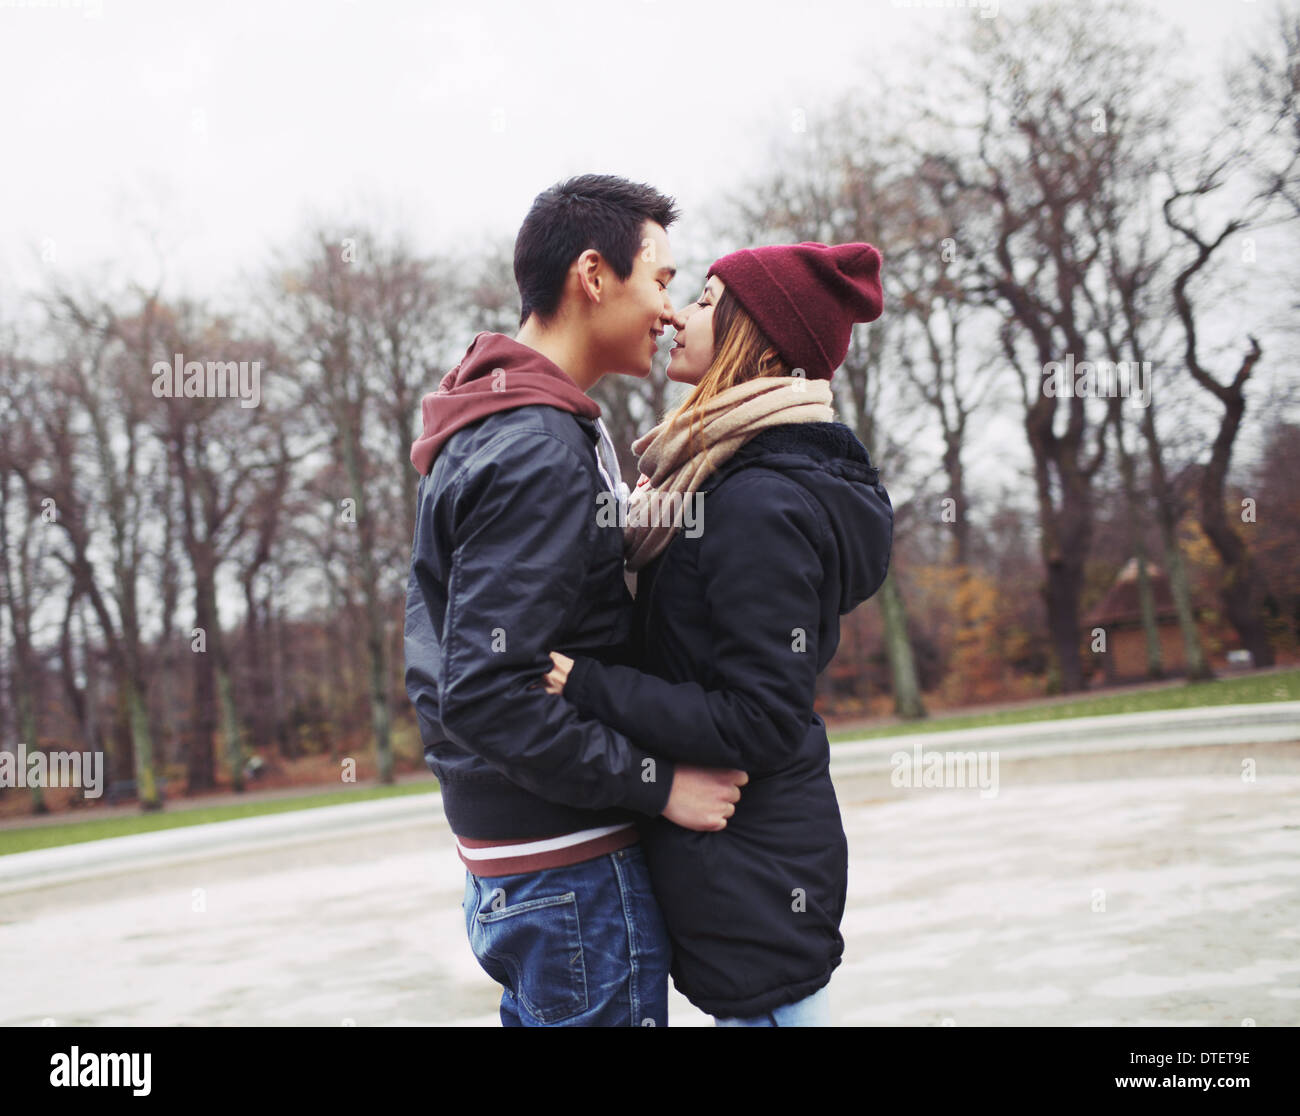 La pareja de adolescentes de raza mixta acerca de tener un apasionado beso en el parque. Apuesto joven y bella joven en ropa de abrigo. Imagen De Stock